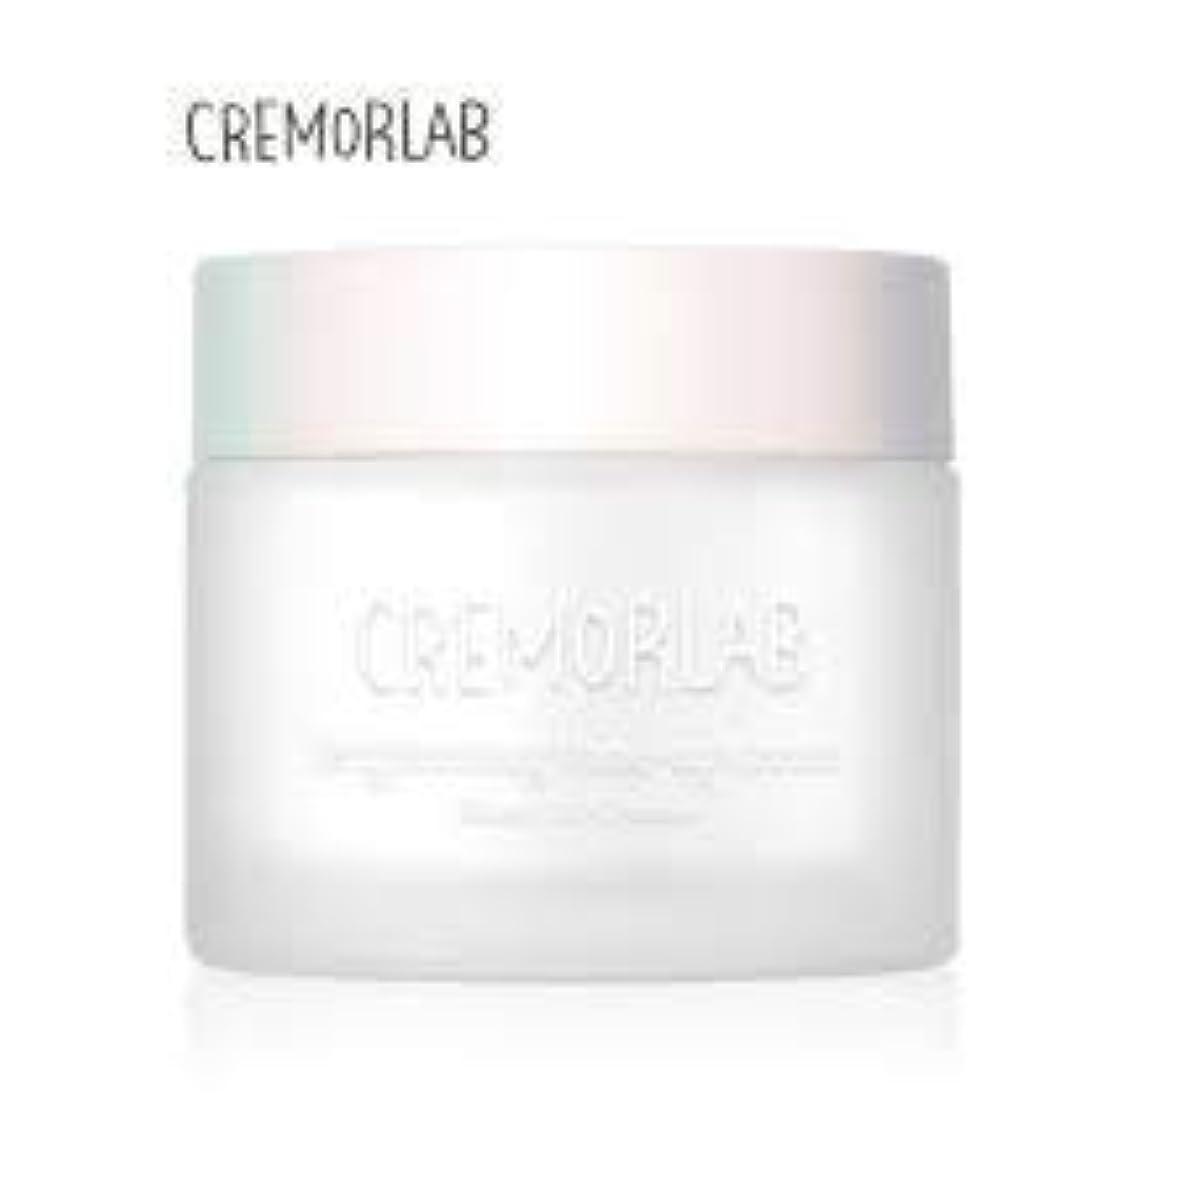 ボットテスピアンスーパーCREMORLAB ブランドクレマーブライトニングクリーム50ml - 肌のトーンを洗練させ、透明度を高め、肌の色を明るくします。